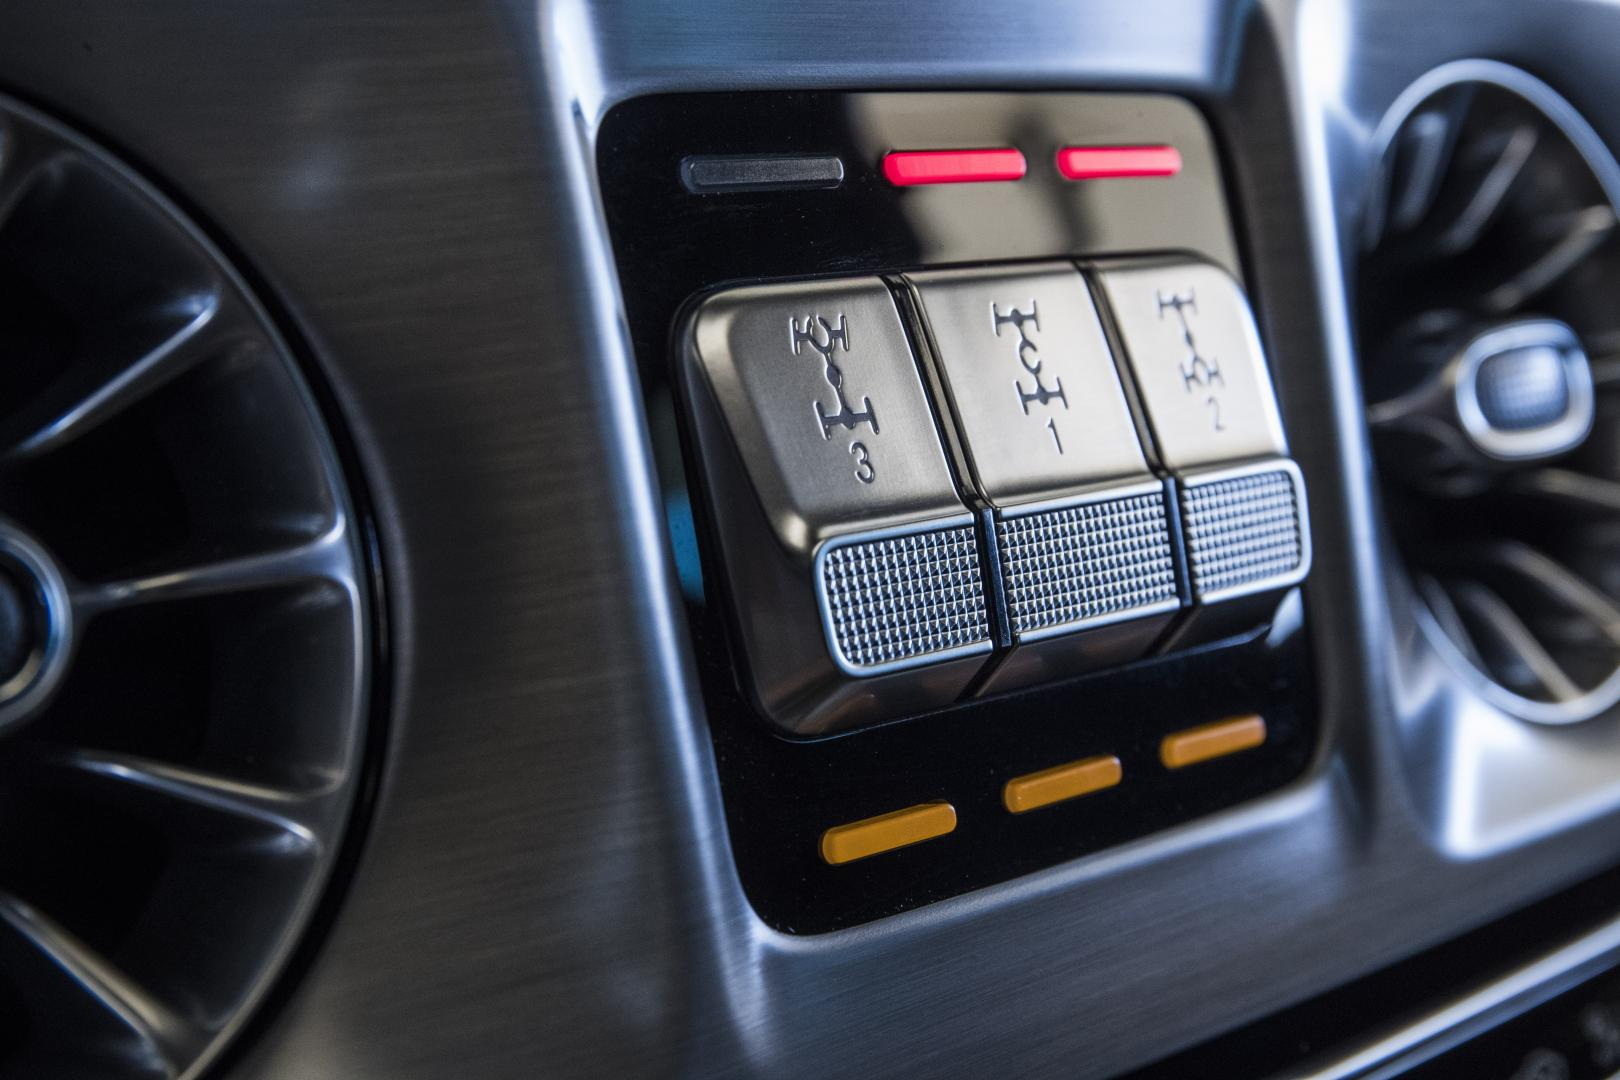 Mercedes G 500 offroad mode G-mode